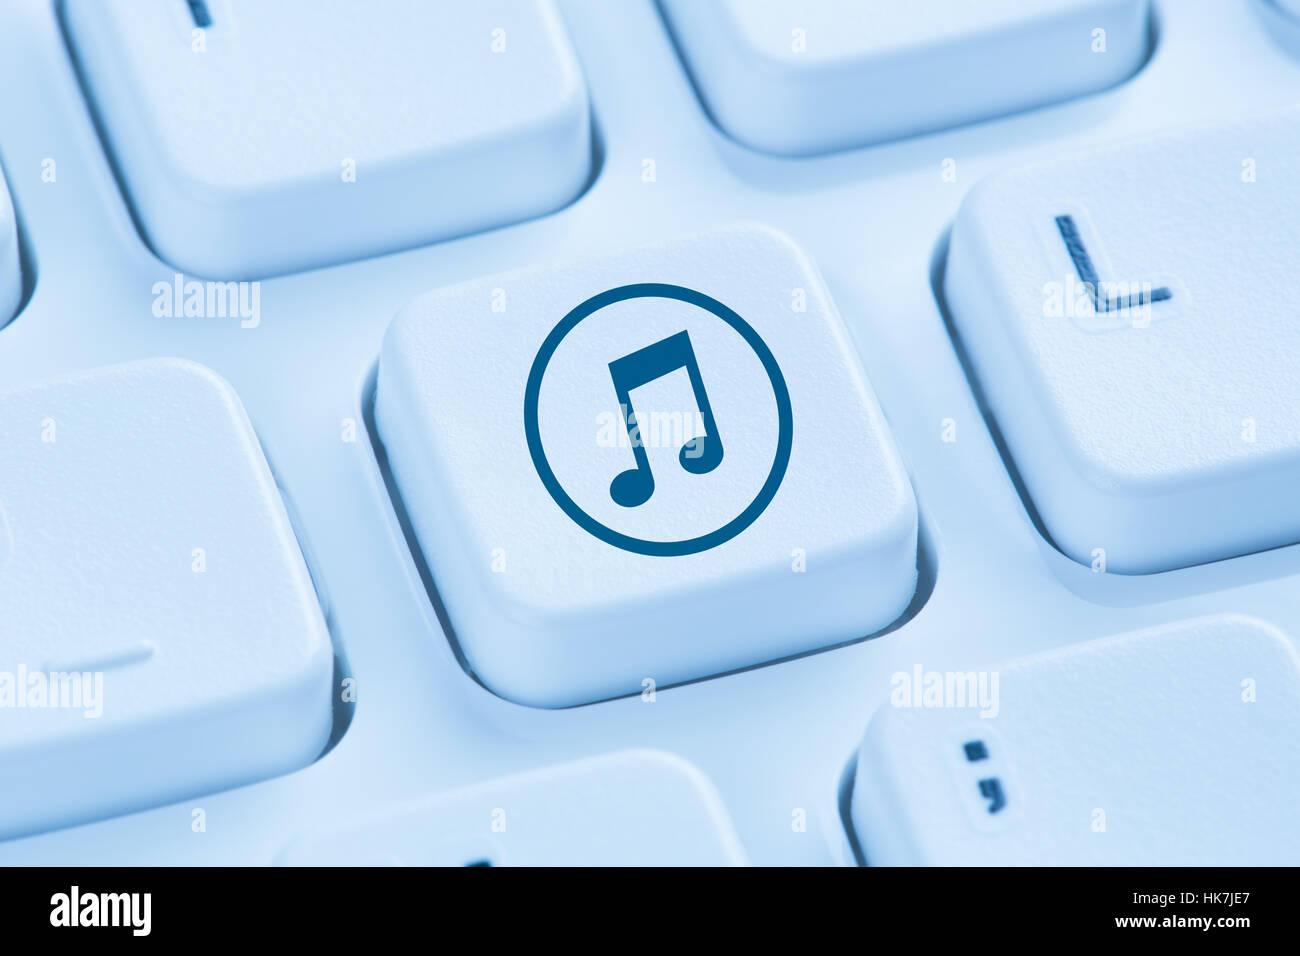 Descargar Descargar Escuchar Streaming De Música Internet Símbolo